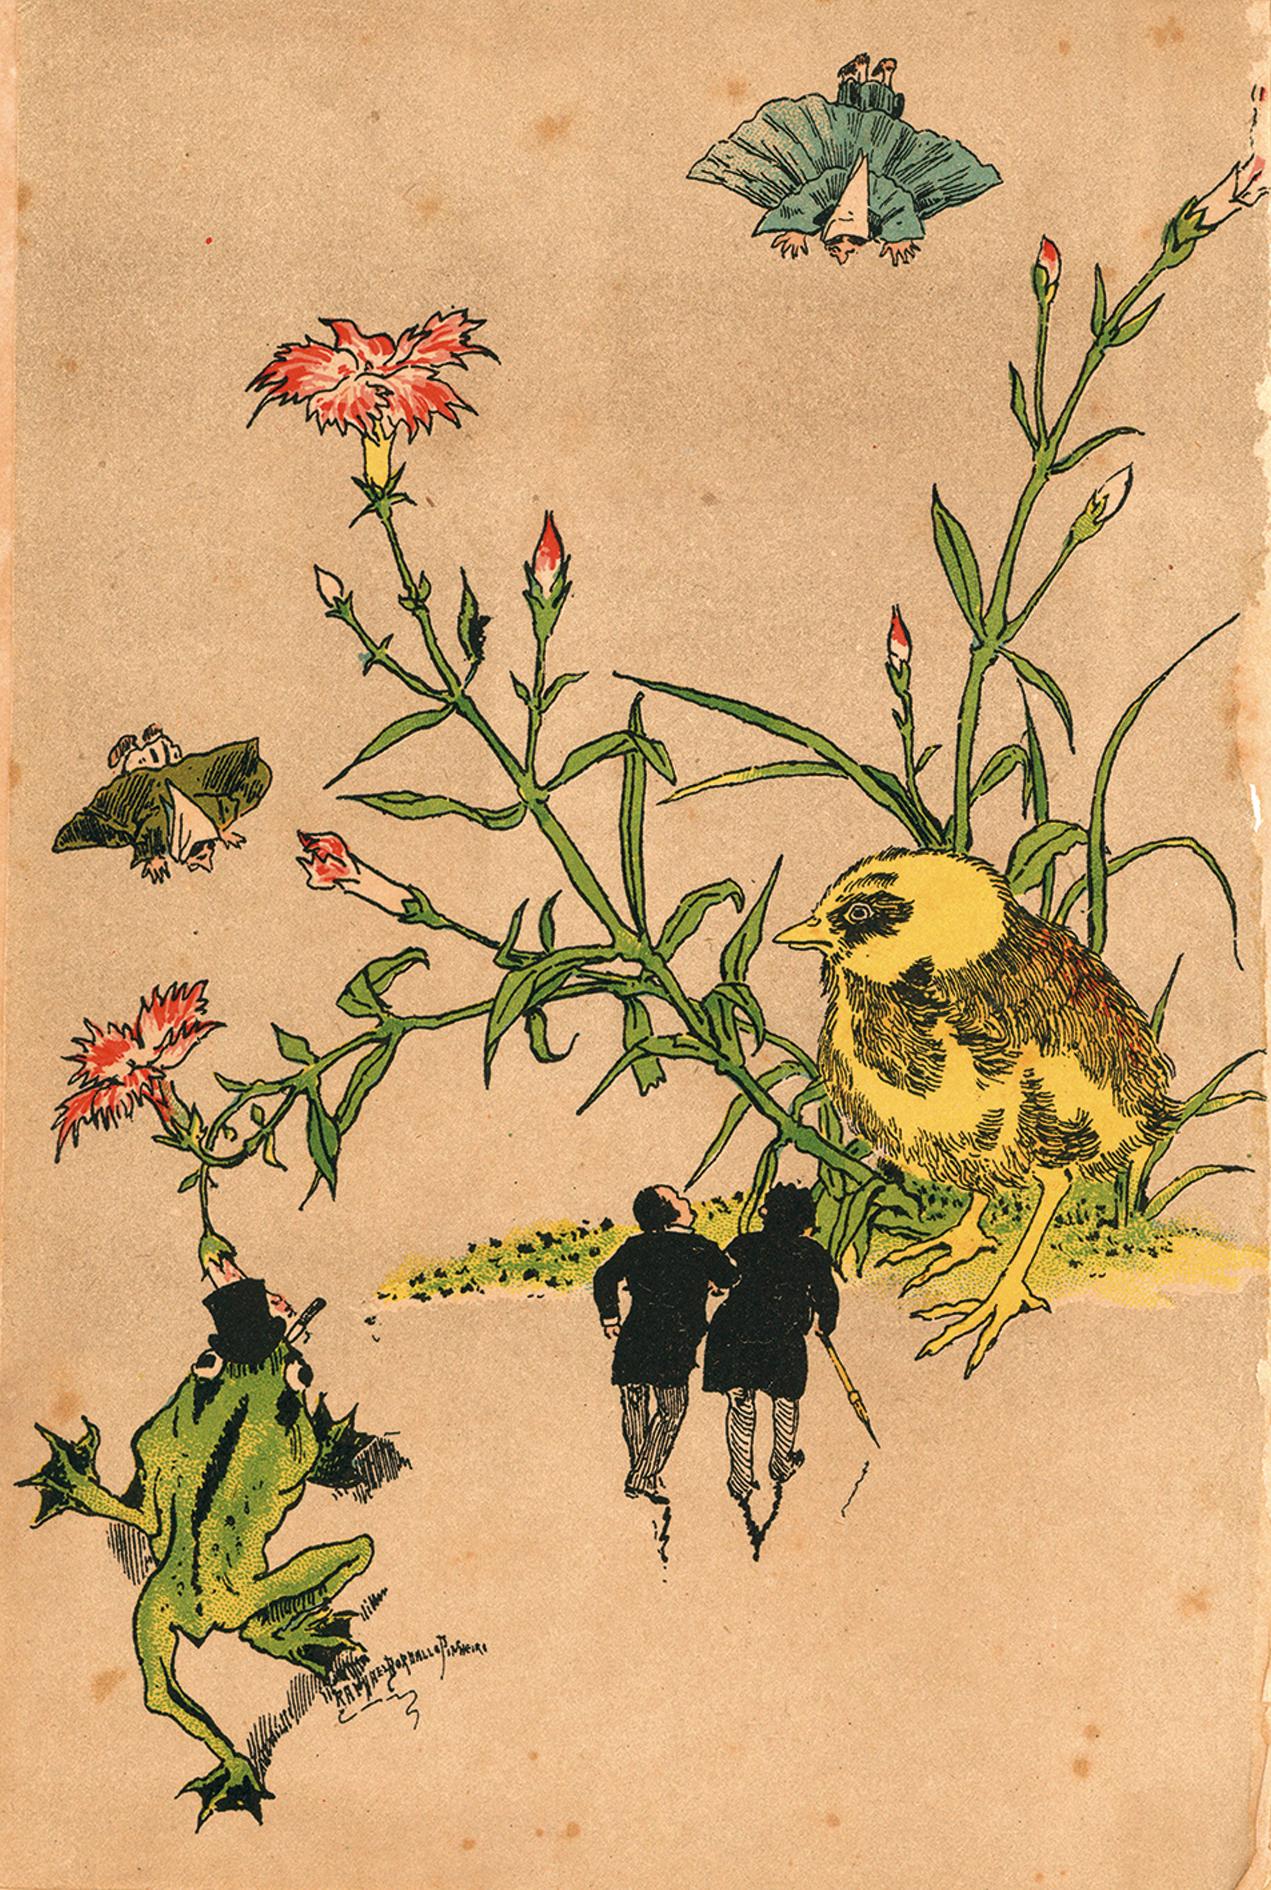 Ilustração de Rafael Bordalo Pinheiro na contracapa do 'Almanach do Antonio Maria 1883 e 1884', os personagens caminham em direcção às flores de cravina (Dianthus).